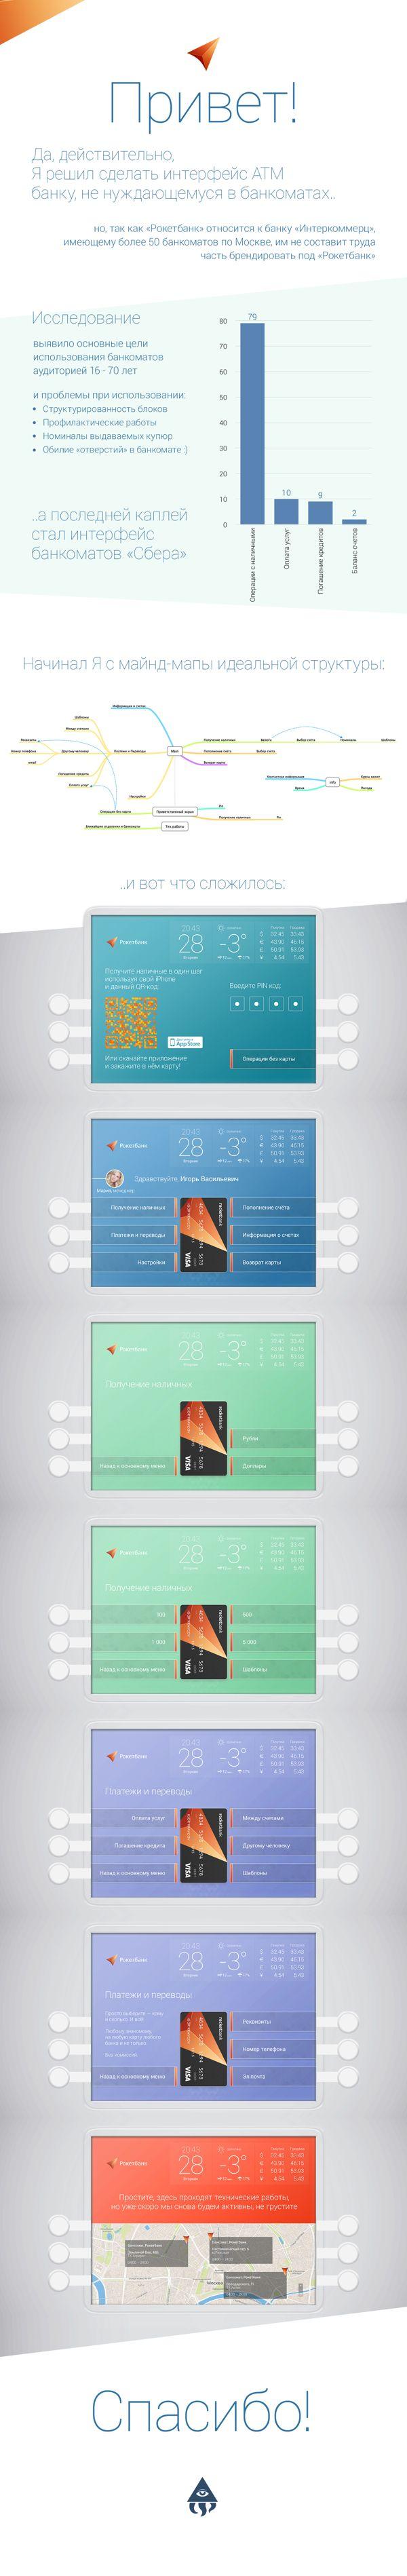 https://www.behance.net/gallery/13302707/RocketBank-ATM-UI  date, weather, currency converter widgets